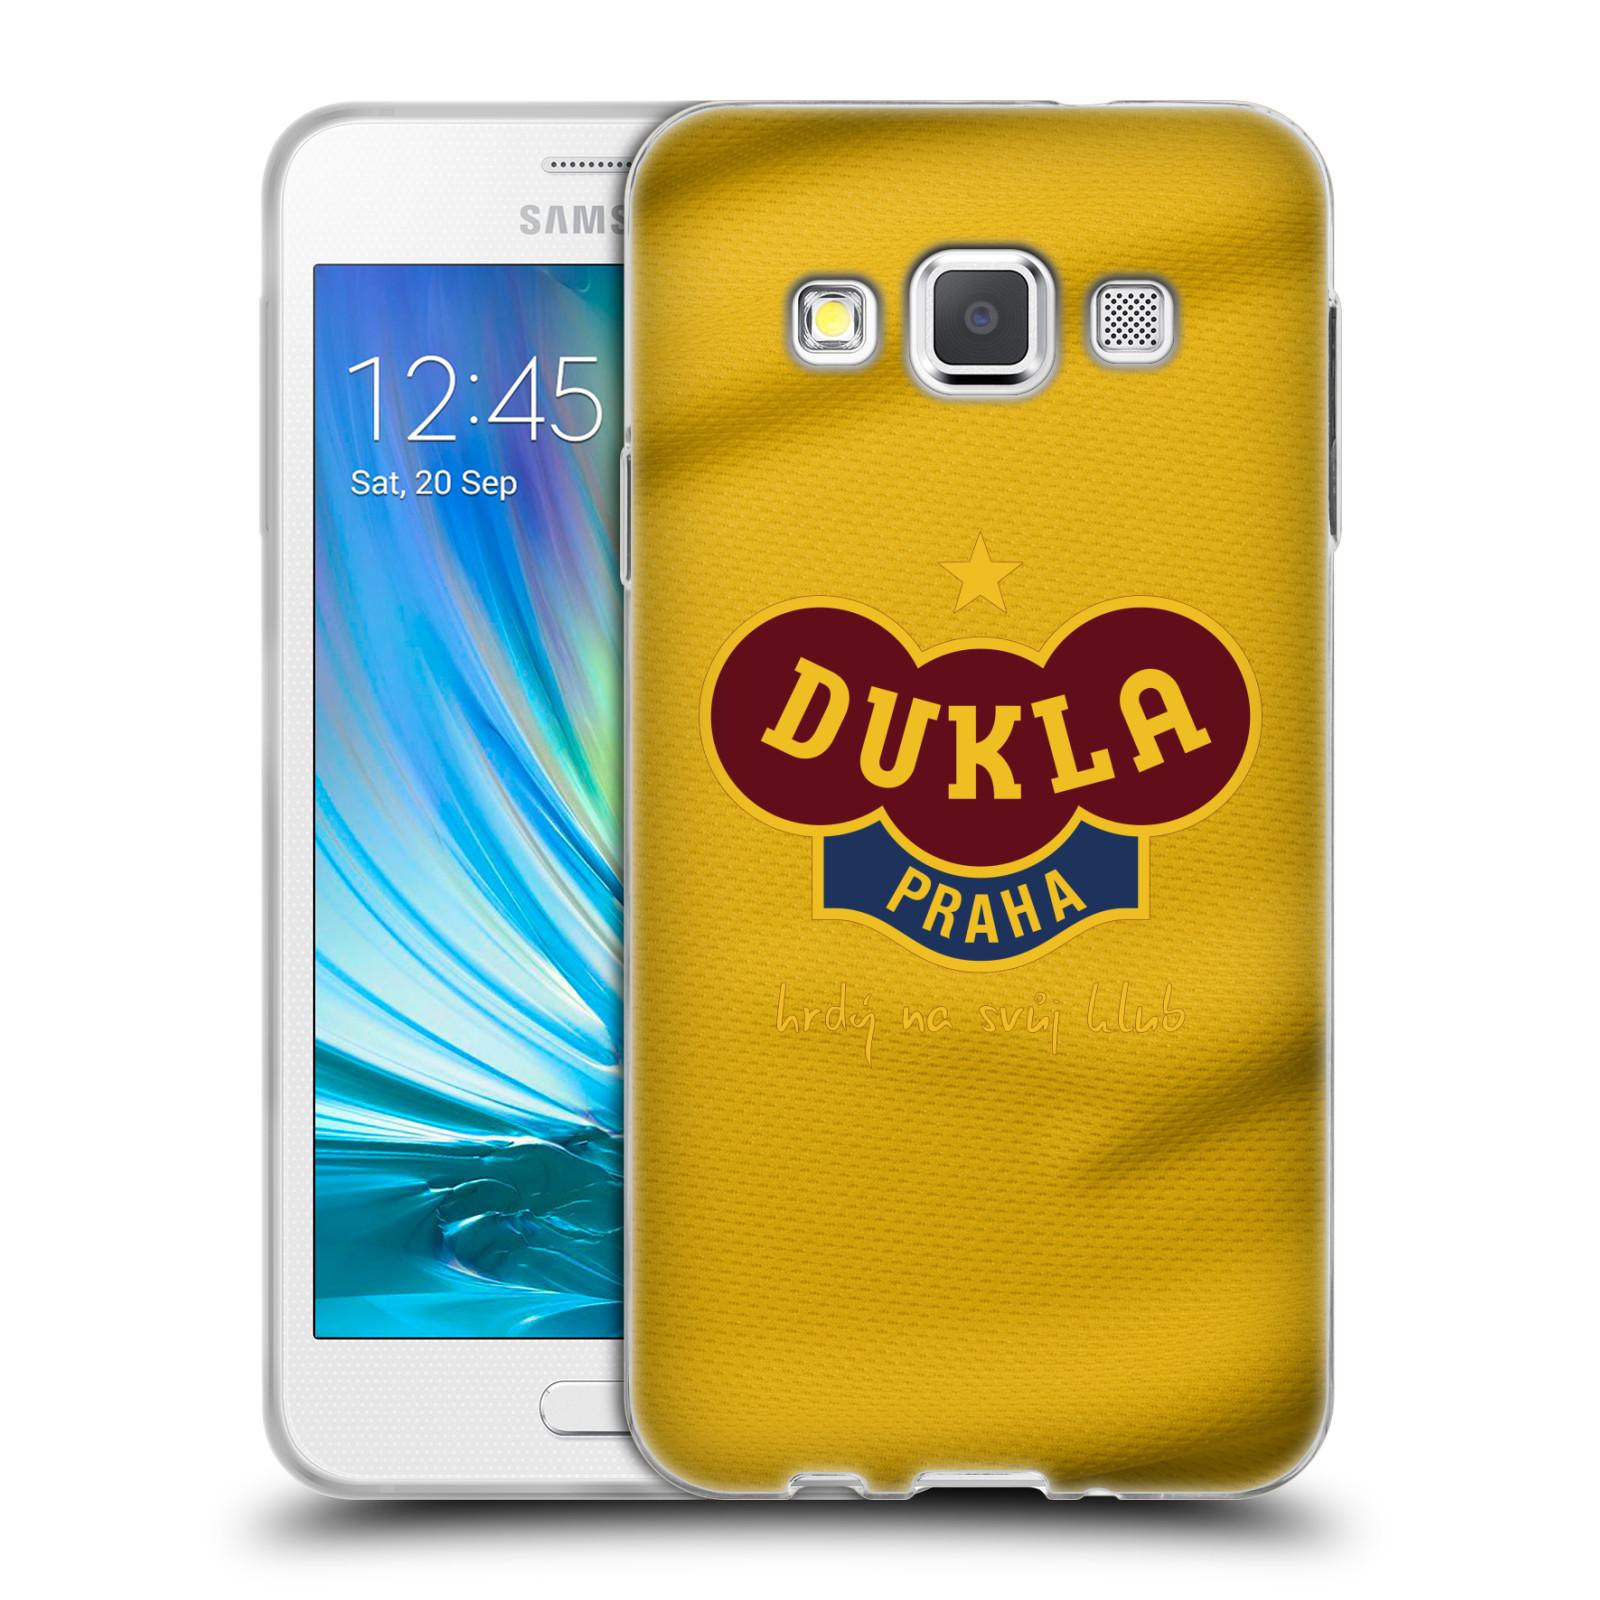 Silikonové pouzdro na mobil Samsung Galaxy A3 - FK Dukla Praha - Žlutý dres